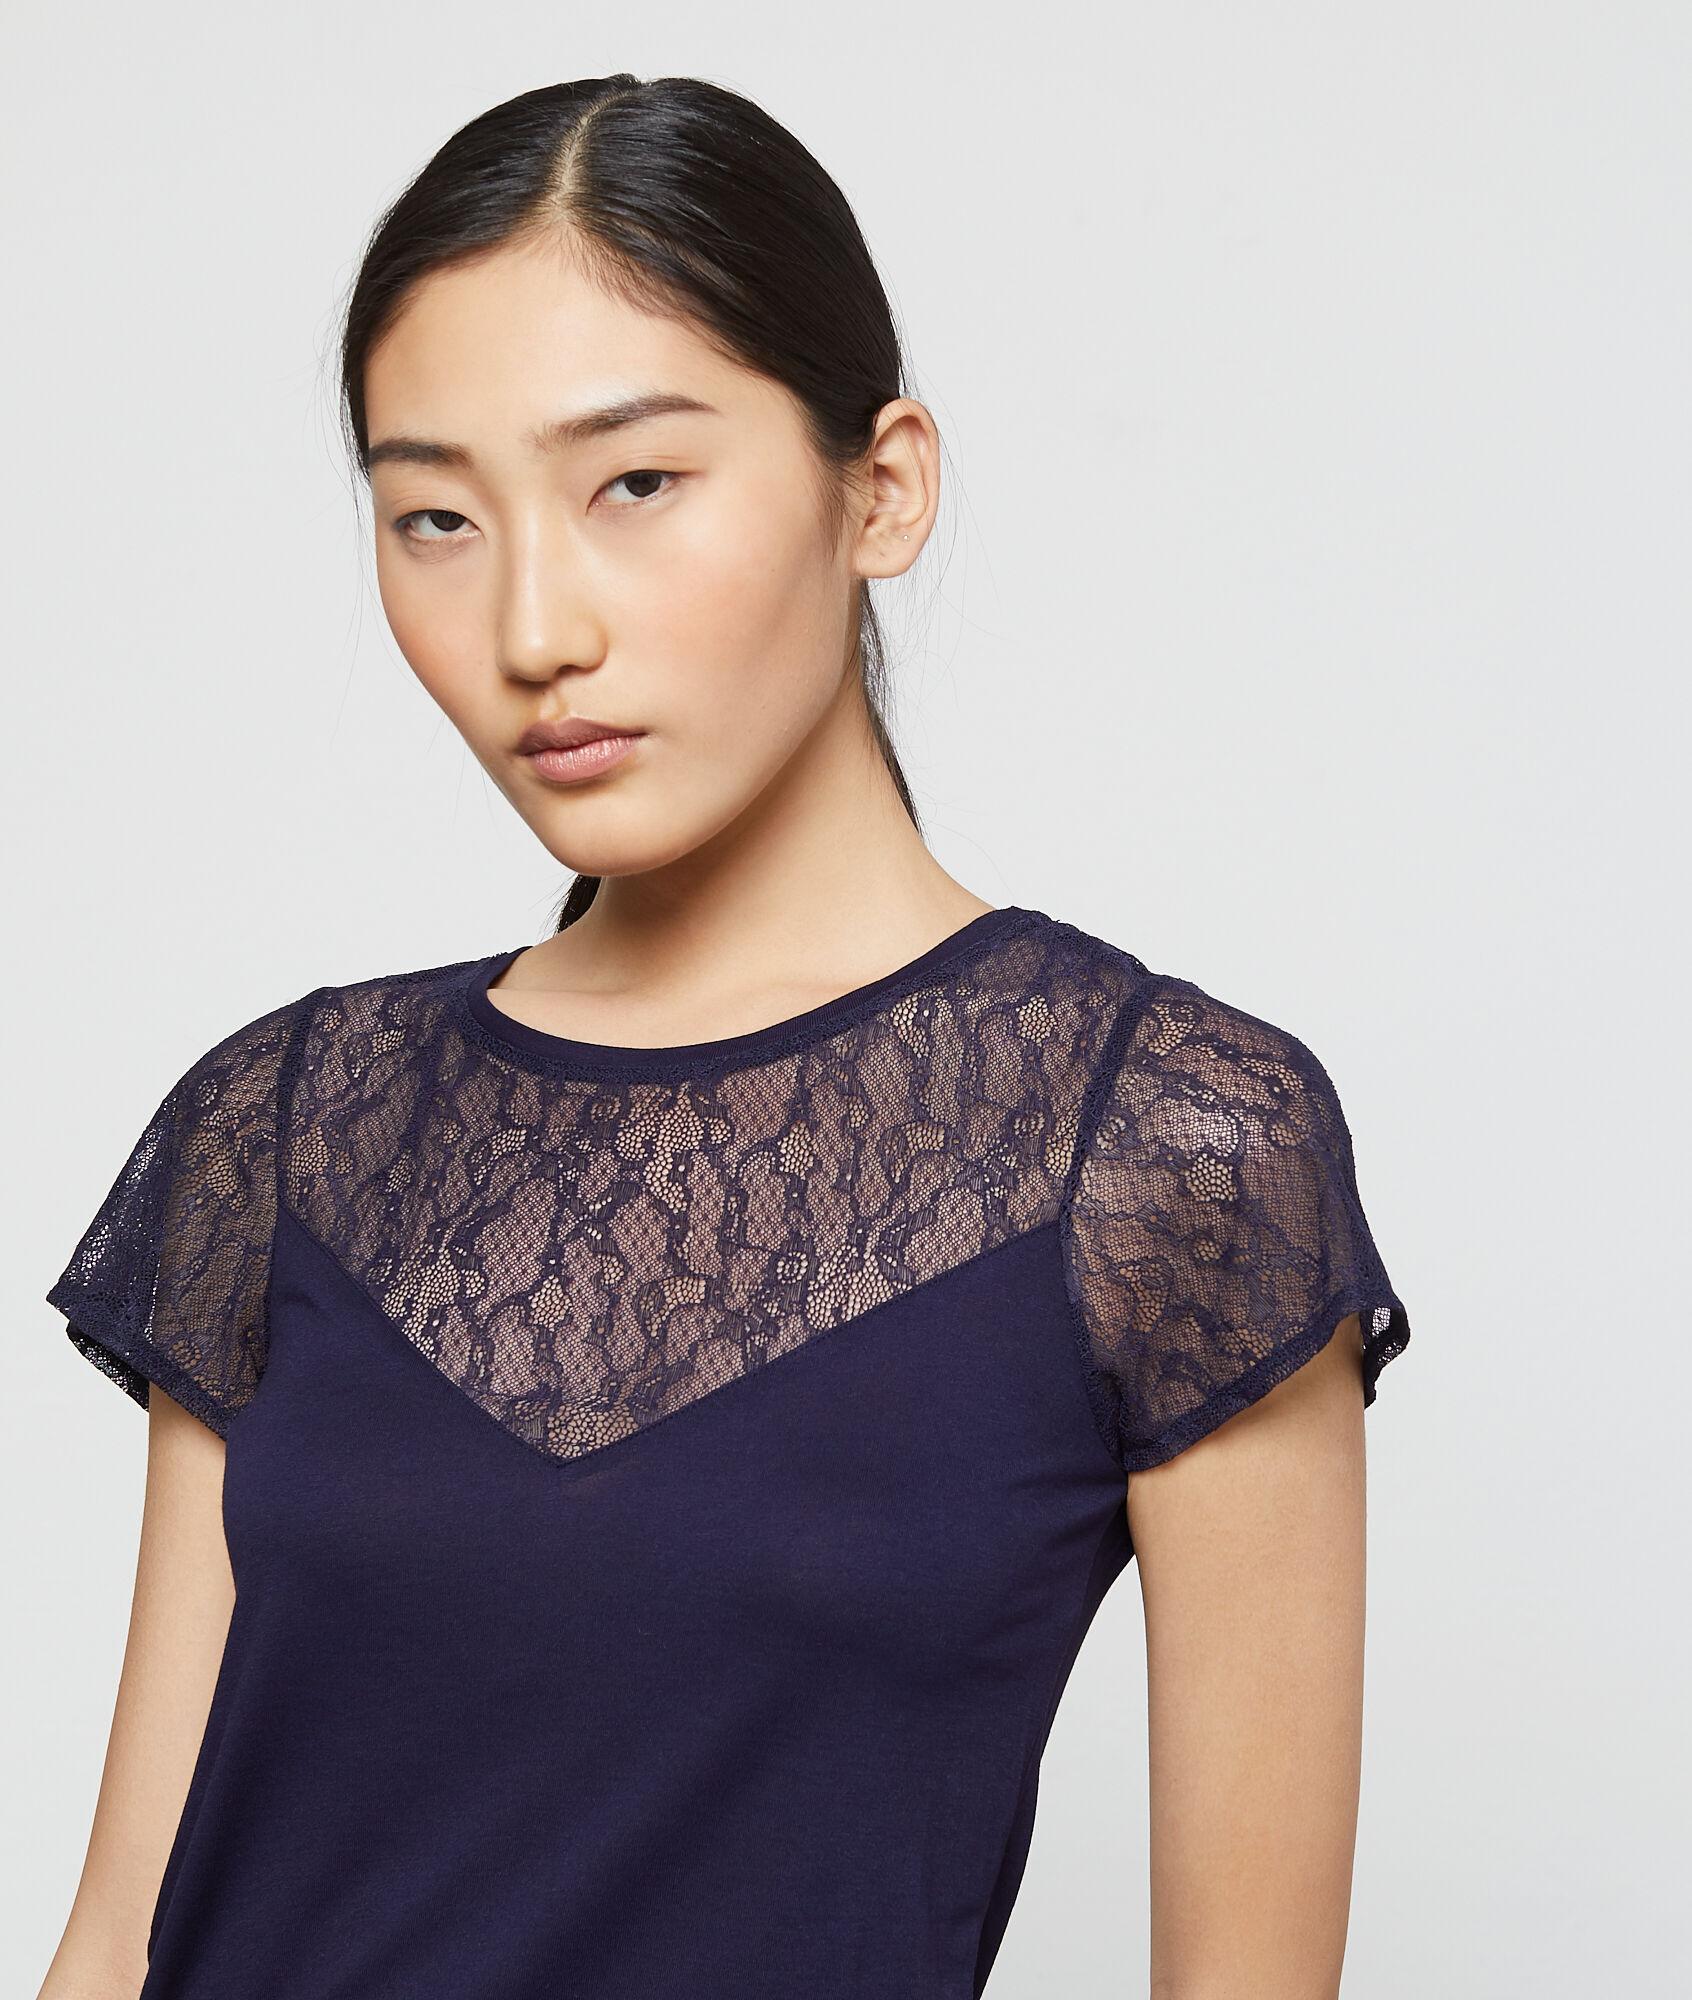 575fe5be2324b Originales Mujer Moda Etam Camisetas De Online CwdqqRt